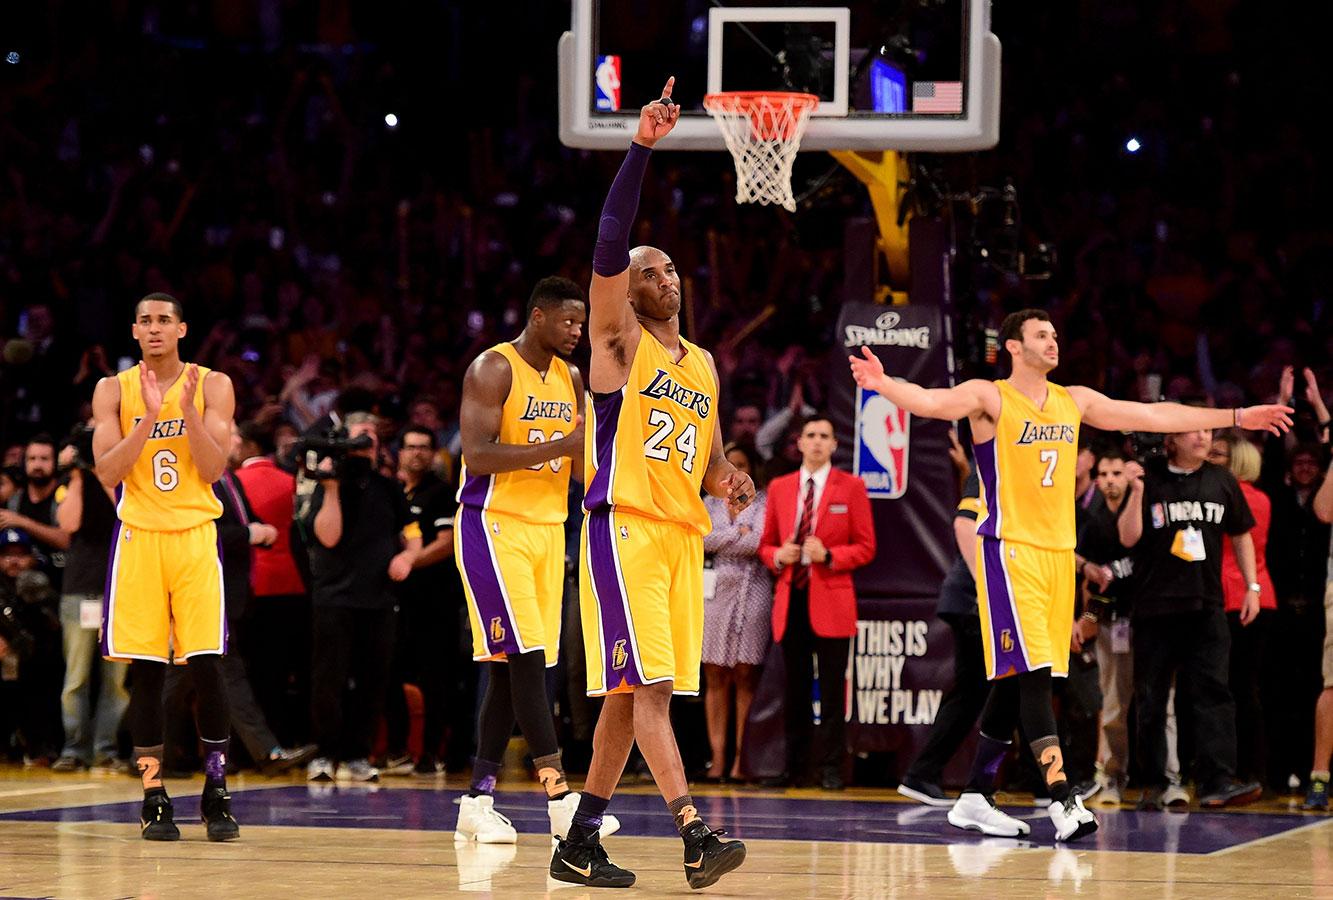 Kobe's last game at Staples Center